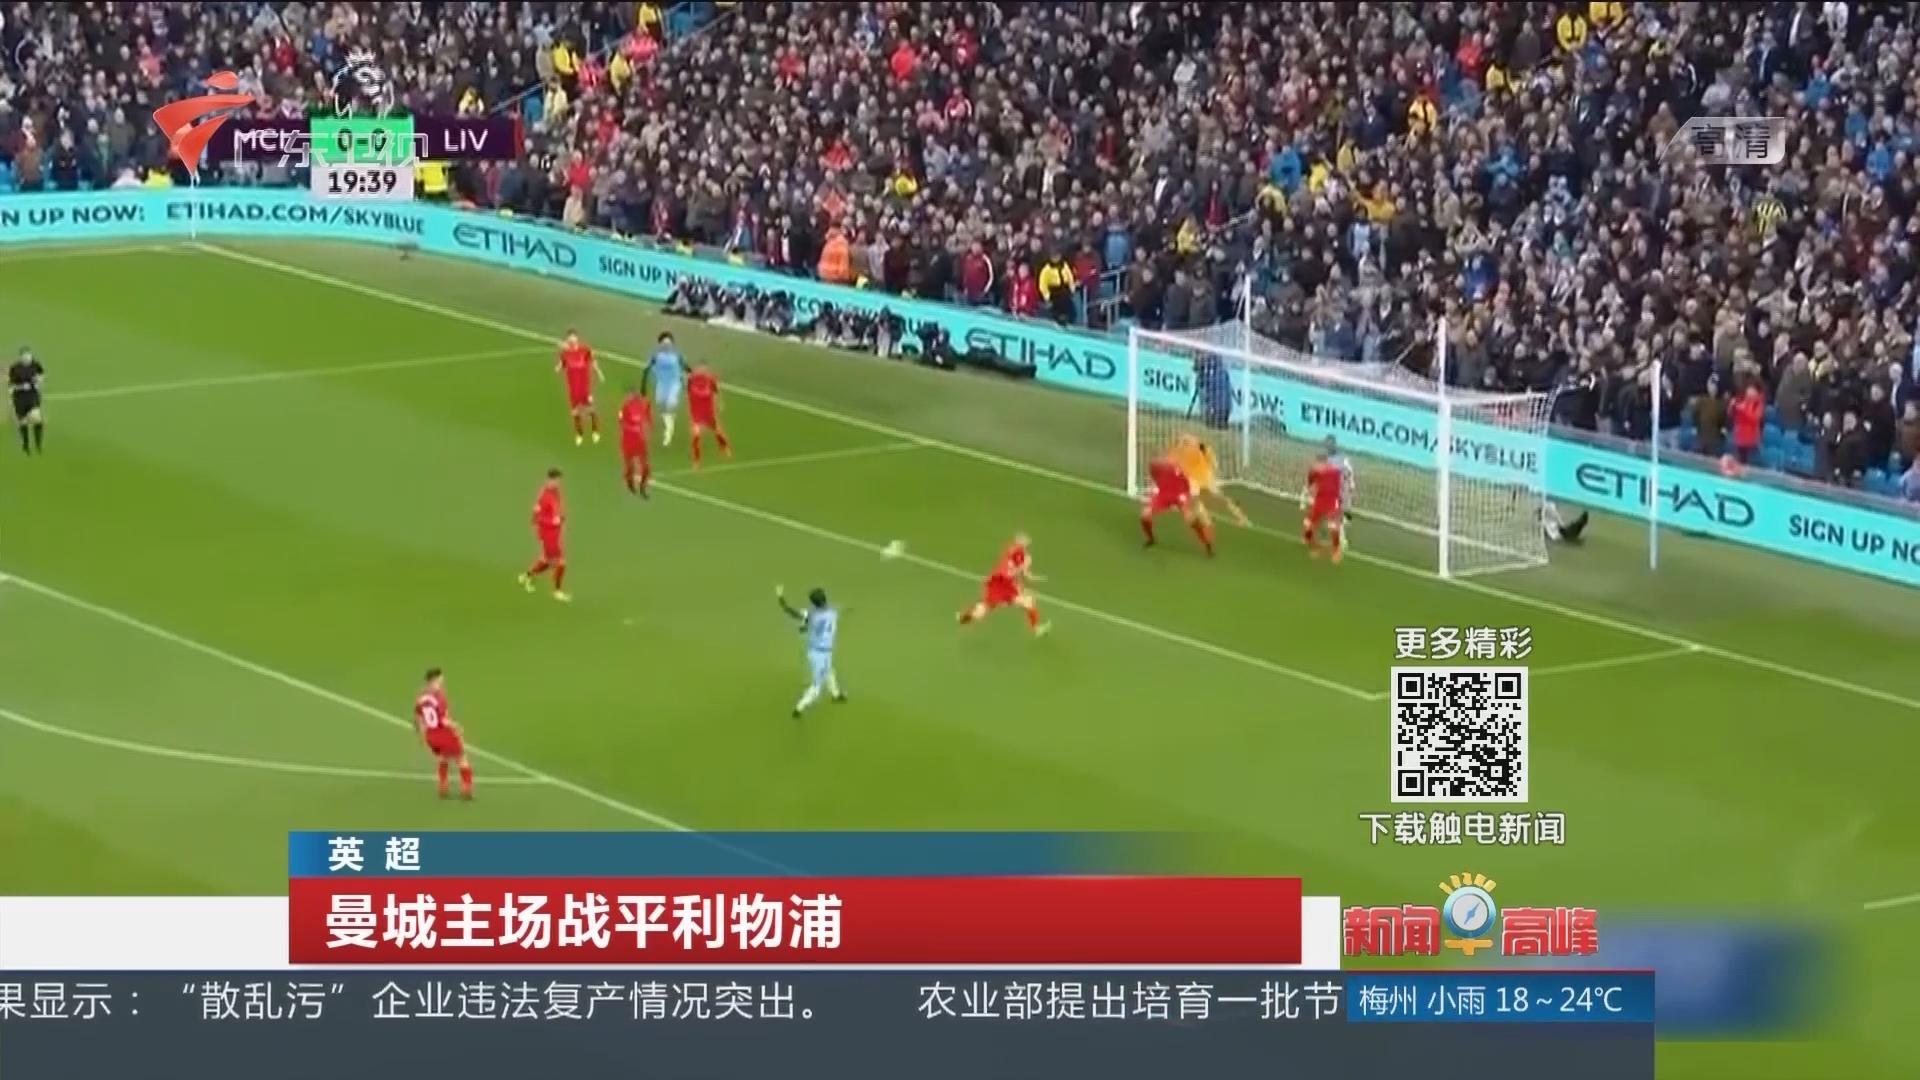 英超:曼城主场战平利物浦